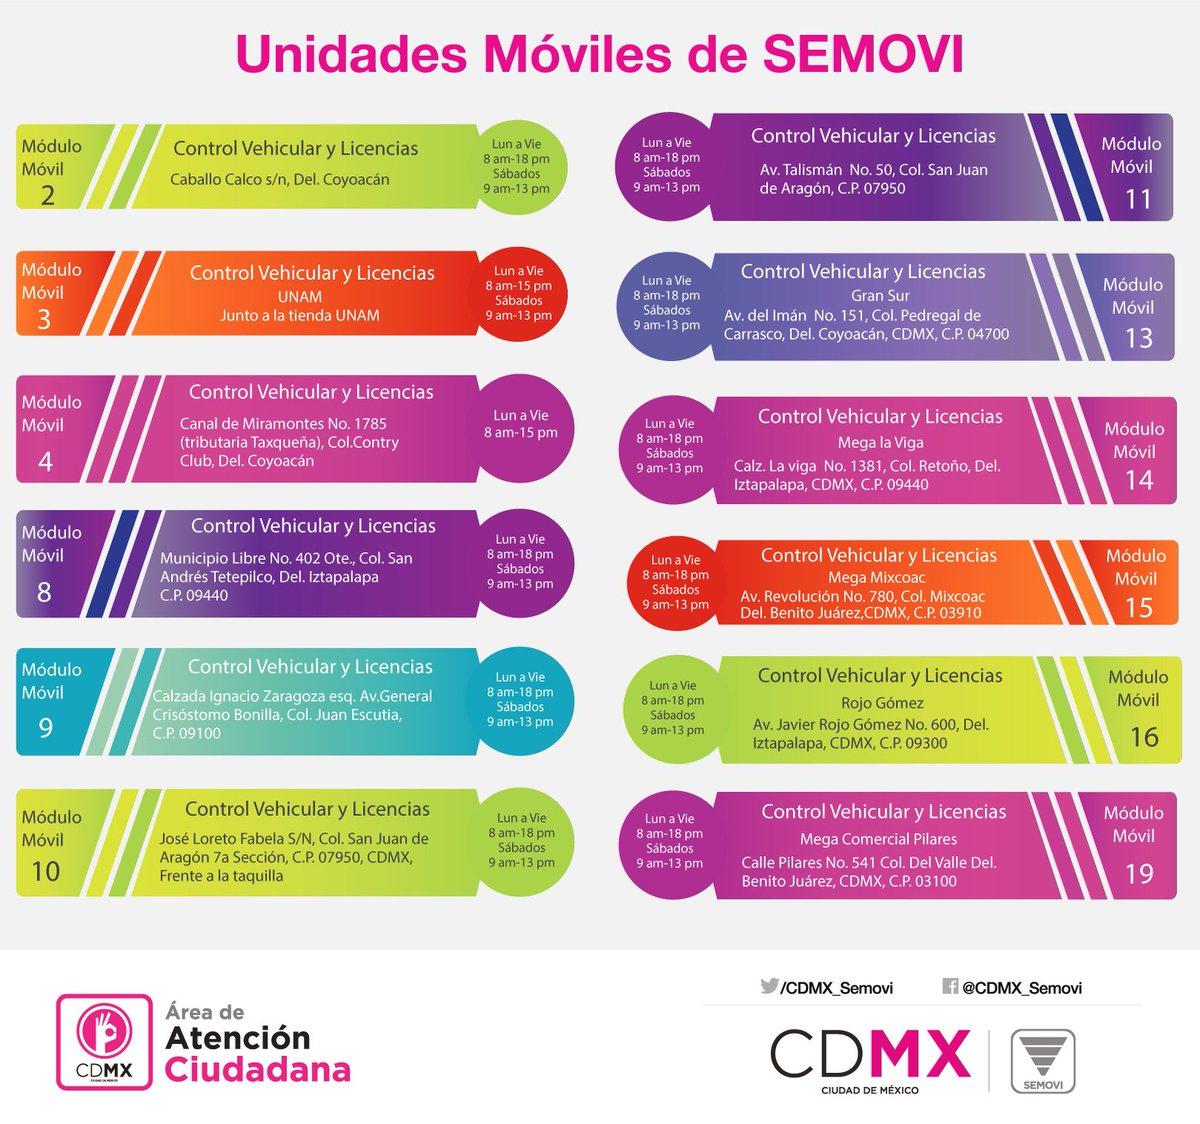 Secretaría De Movilidad Cdmx On Twitter En Los Módulos